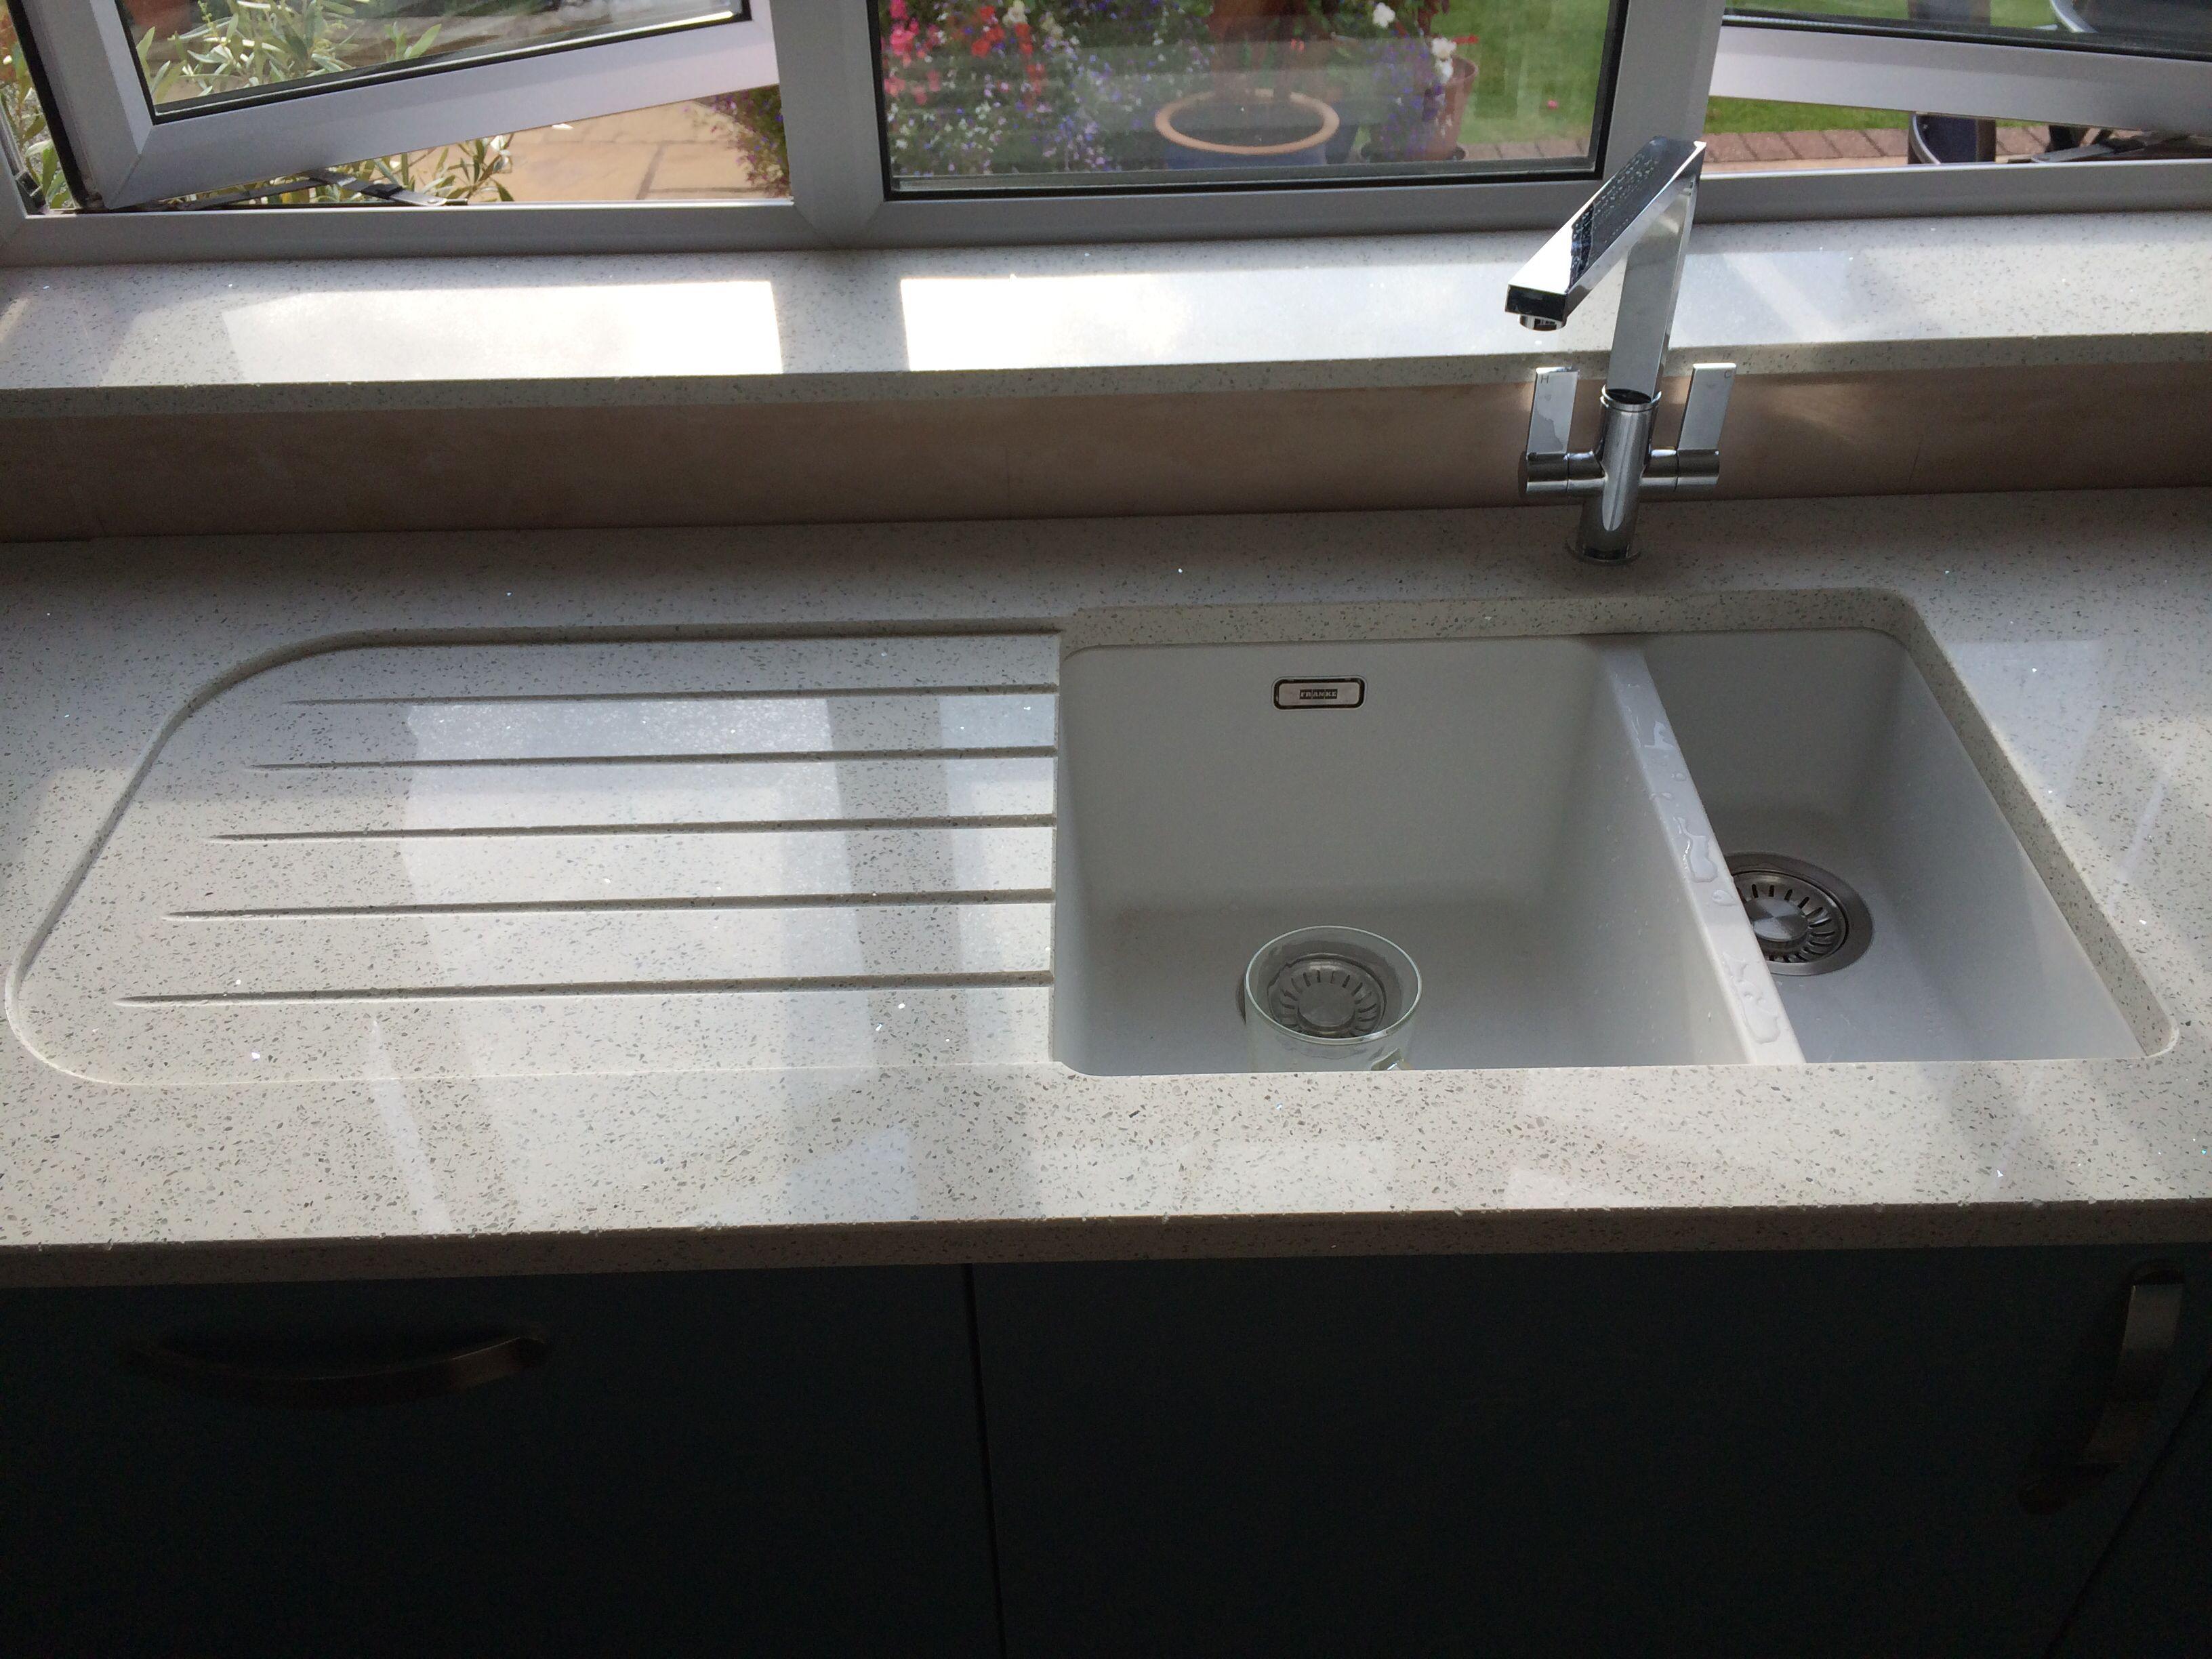 Franke Kubos Sink With Recessed Drainer In Quartz Worktop Kitchen Sink Drainers Kitchen Worktop Diy Bathroom Remodel